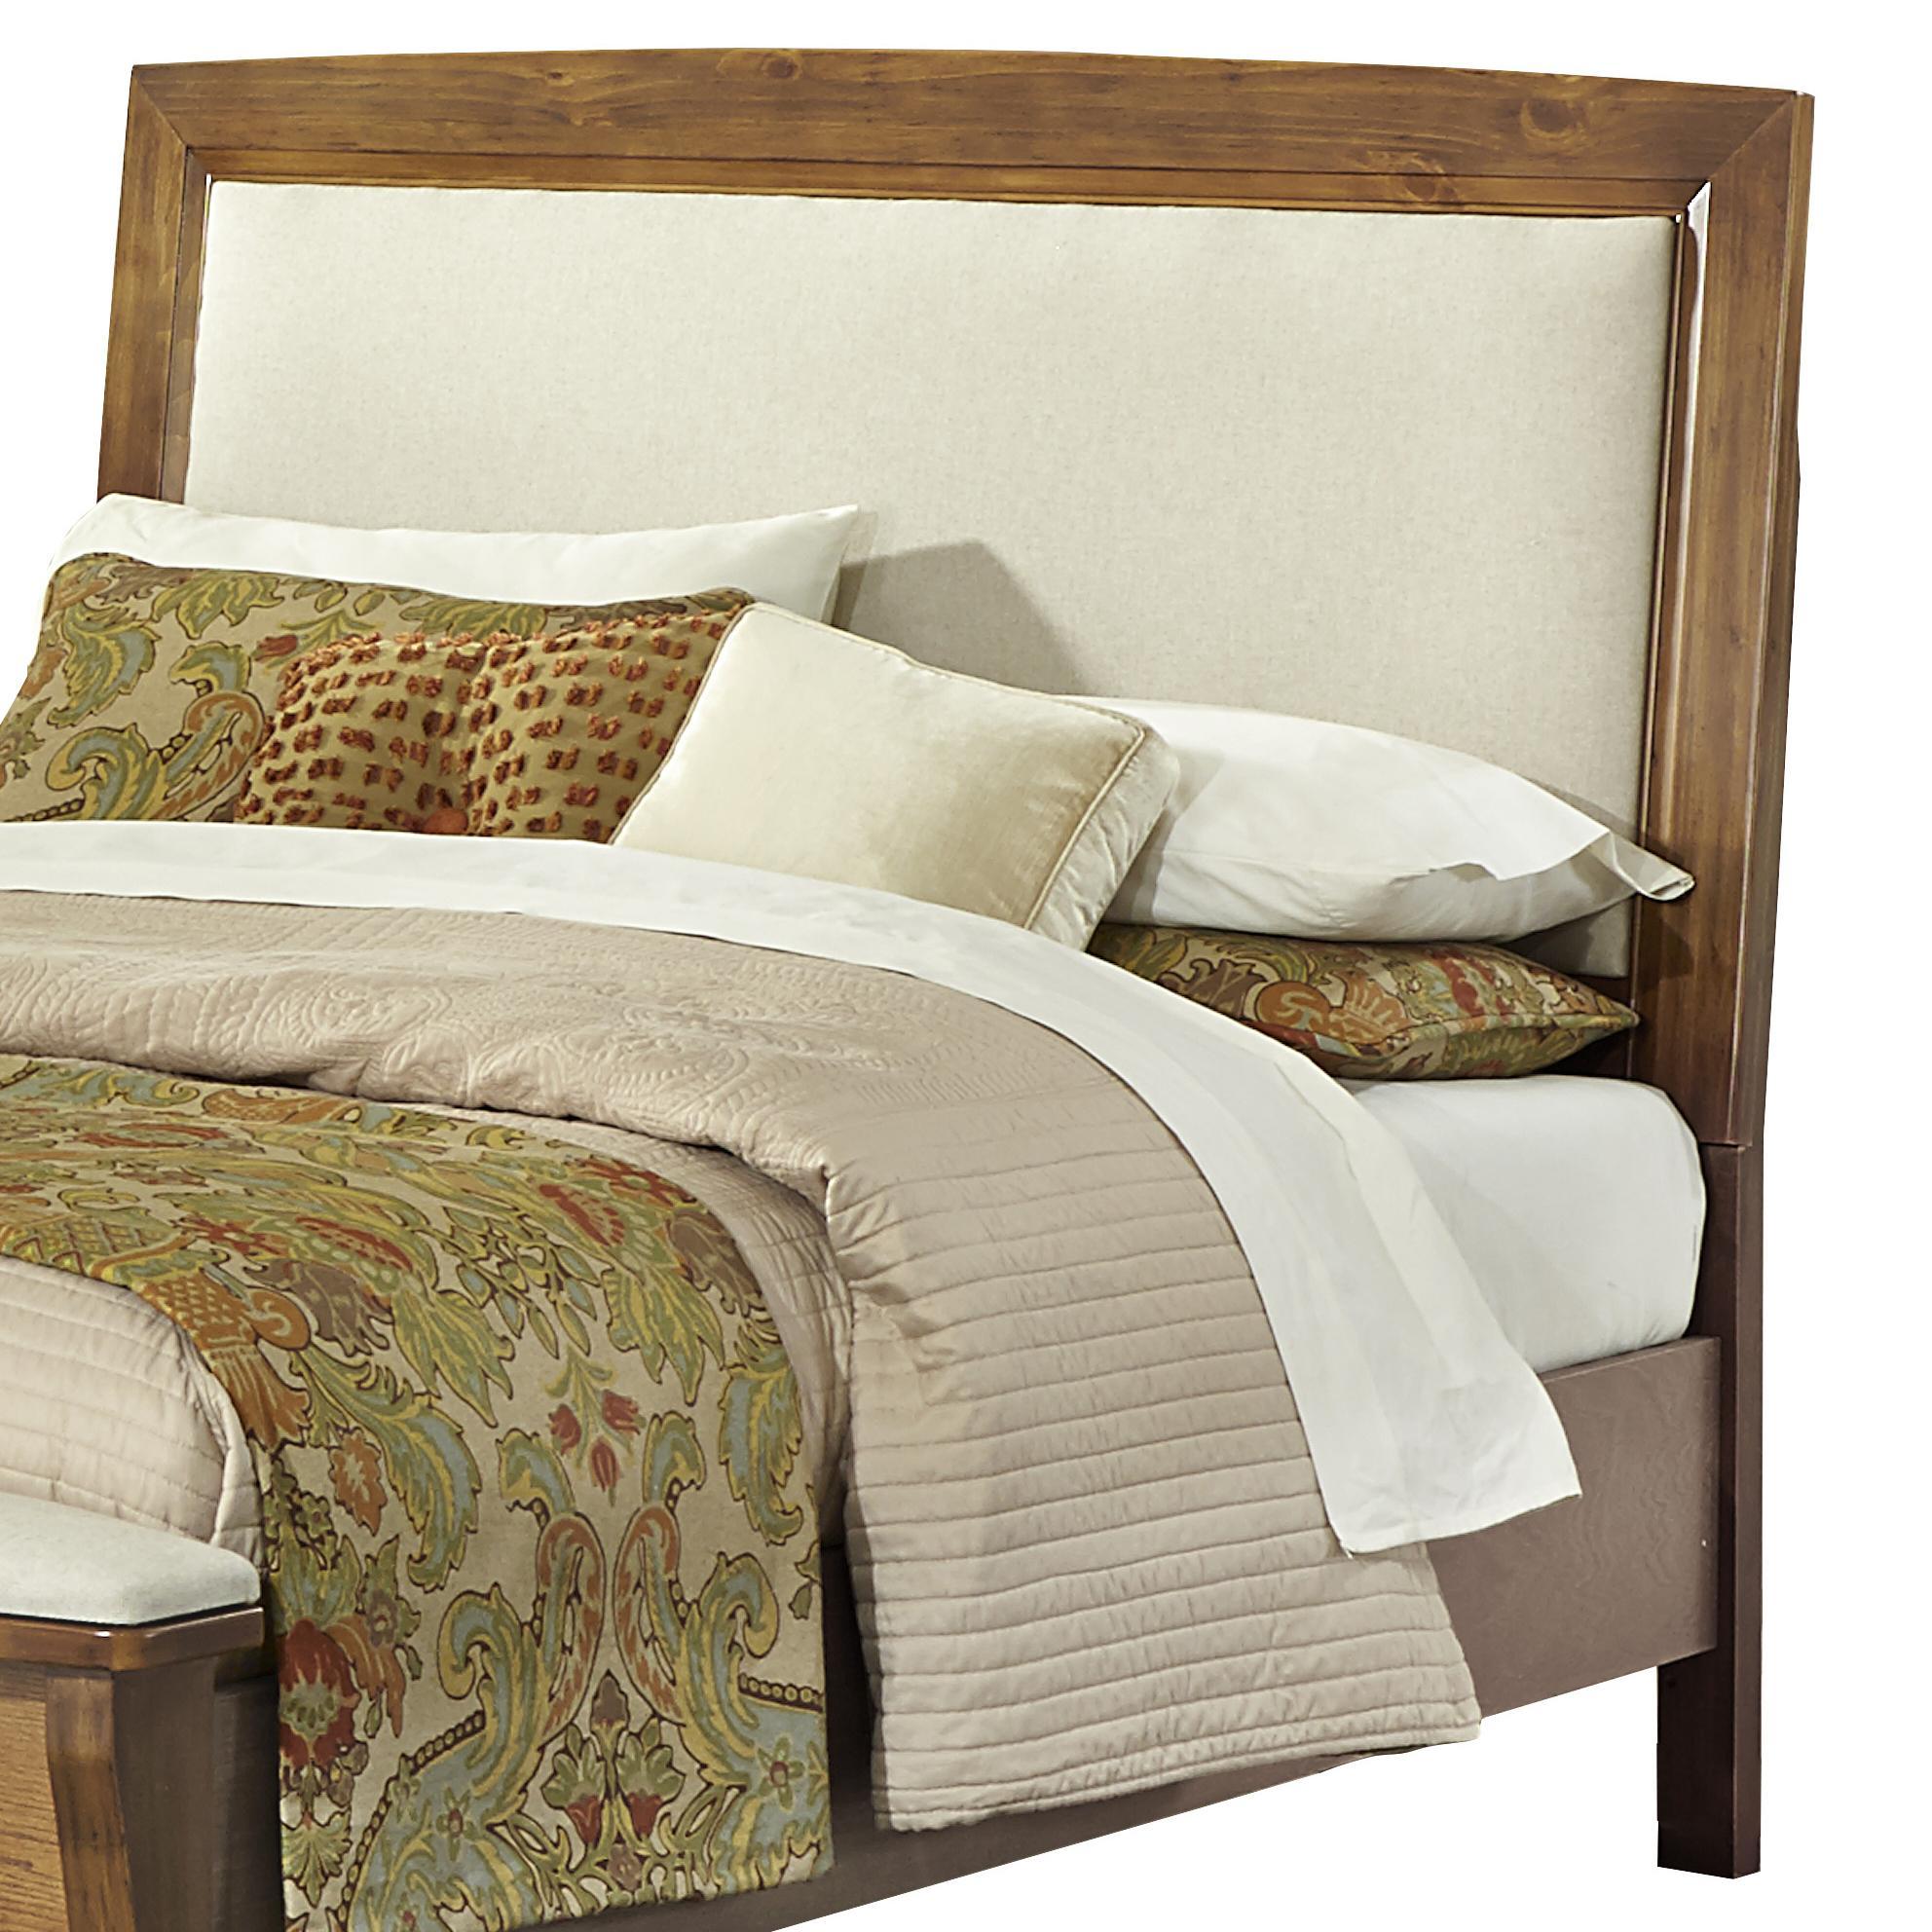 Full Upholstered Headboard, Base Cloth Linen